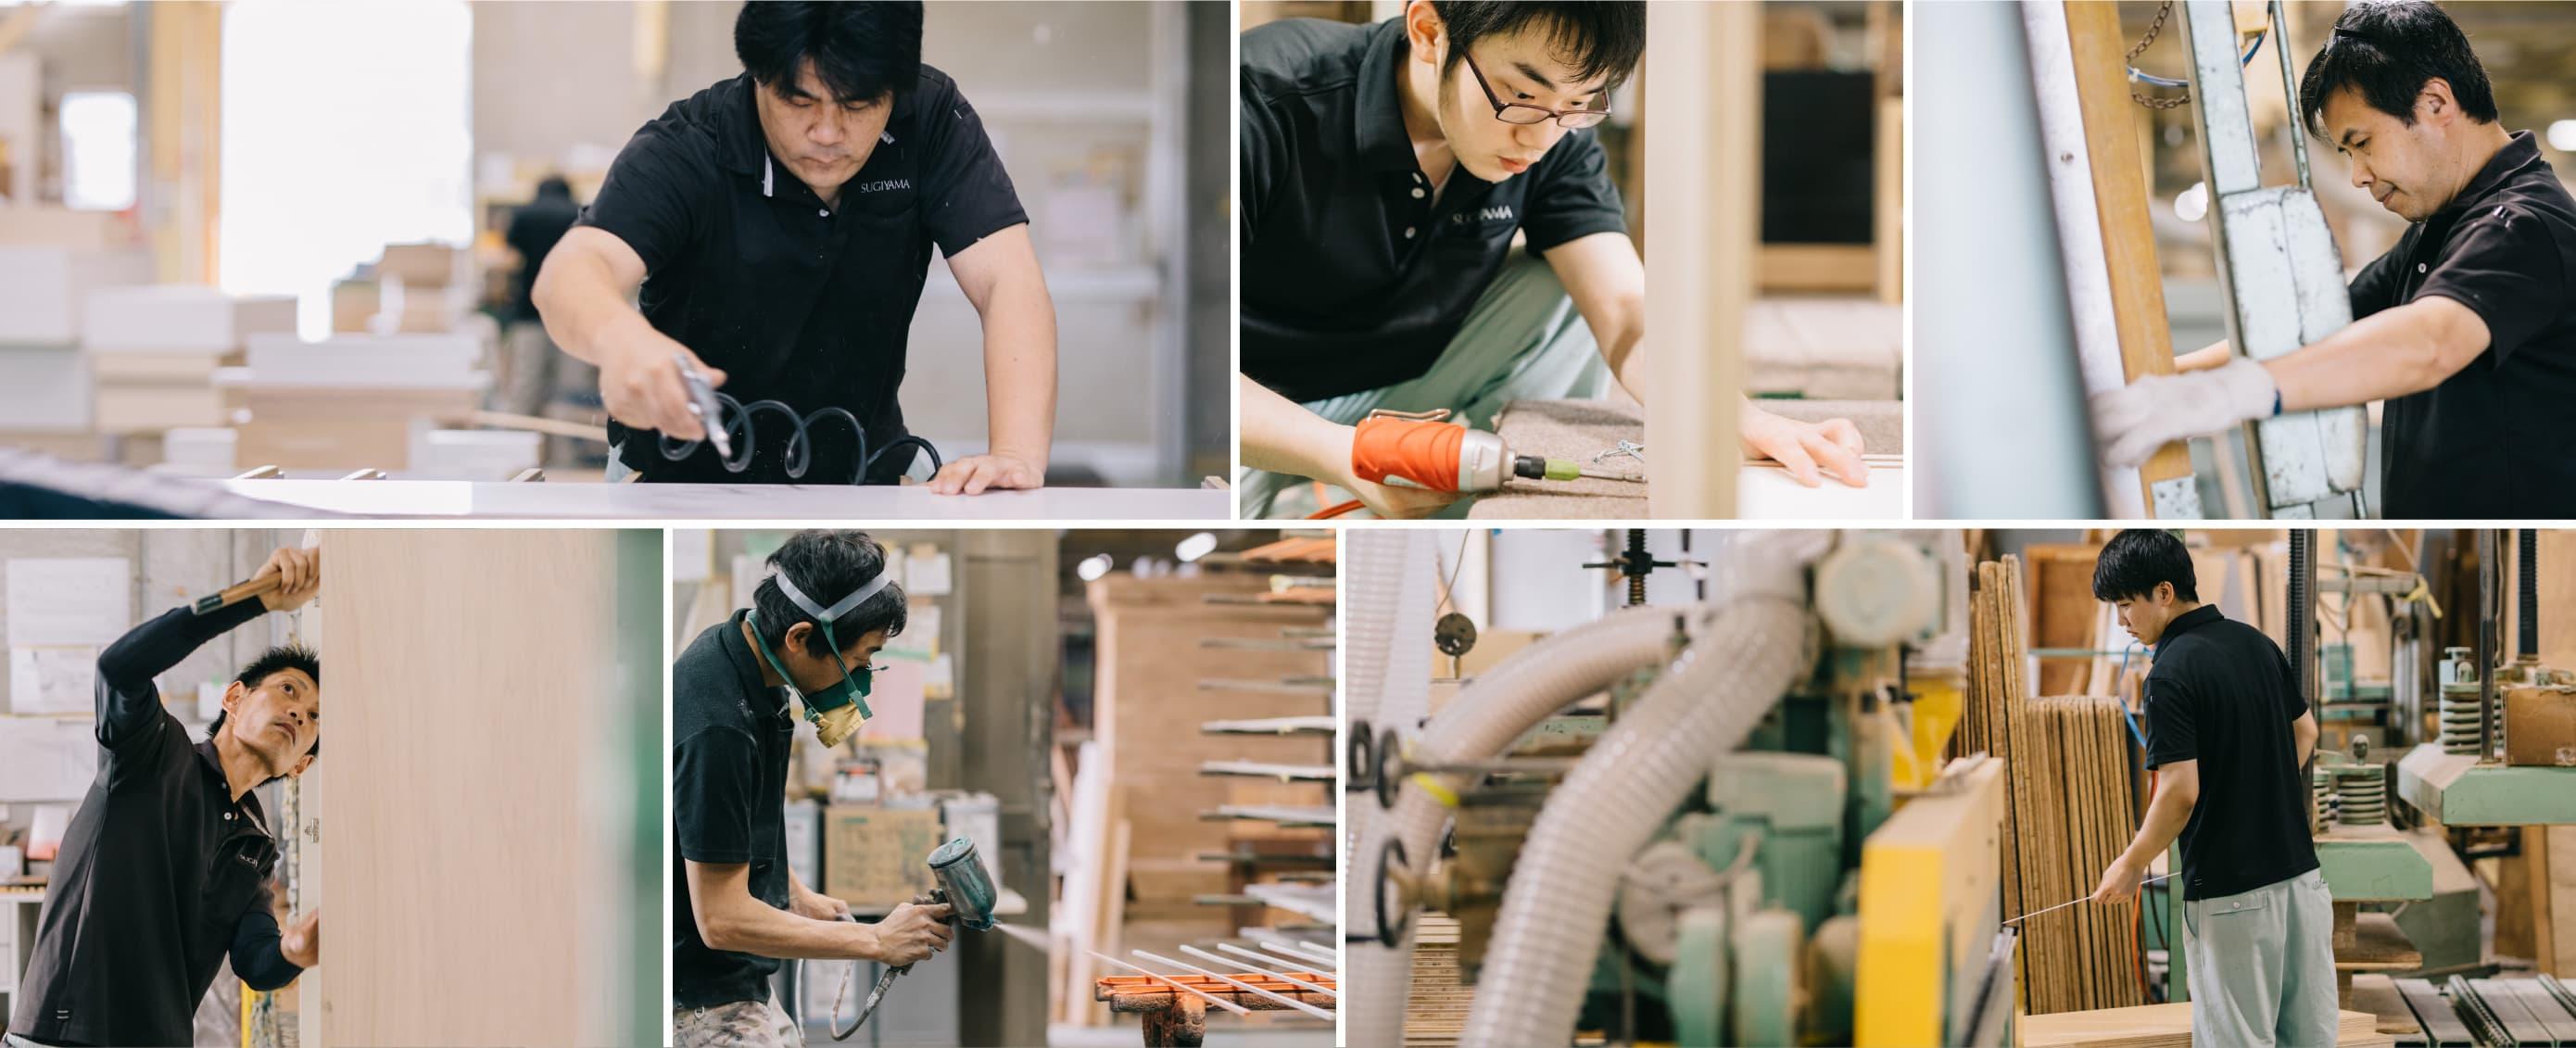 杉山家具製作所社員の働く様子